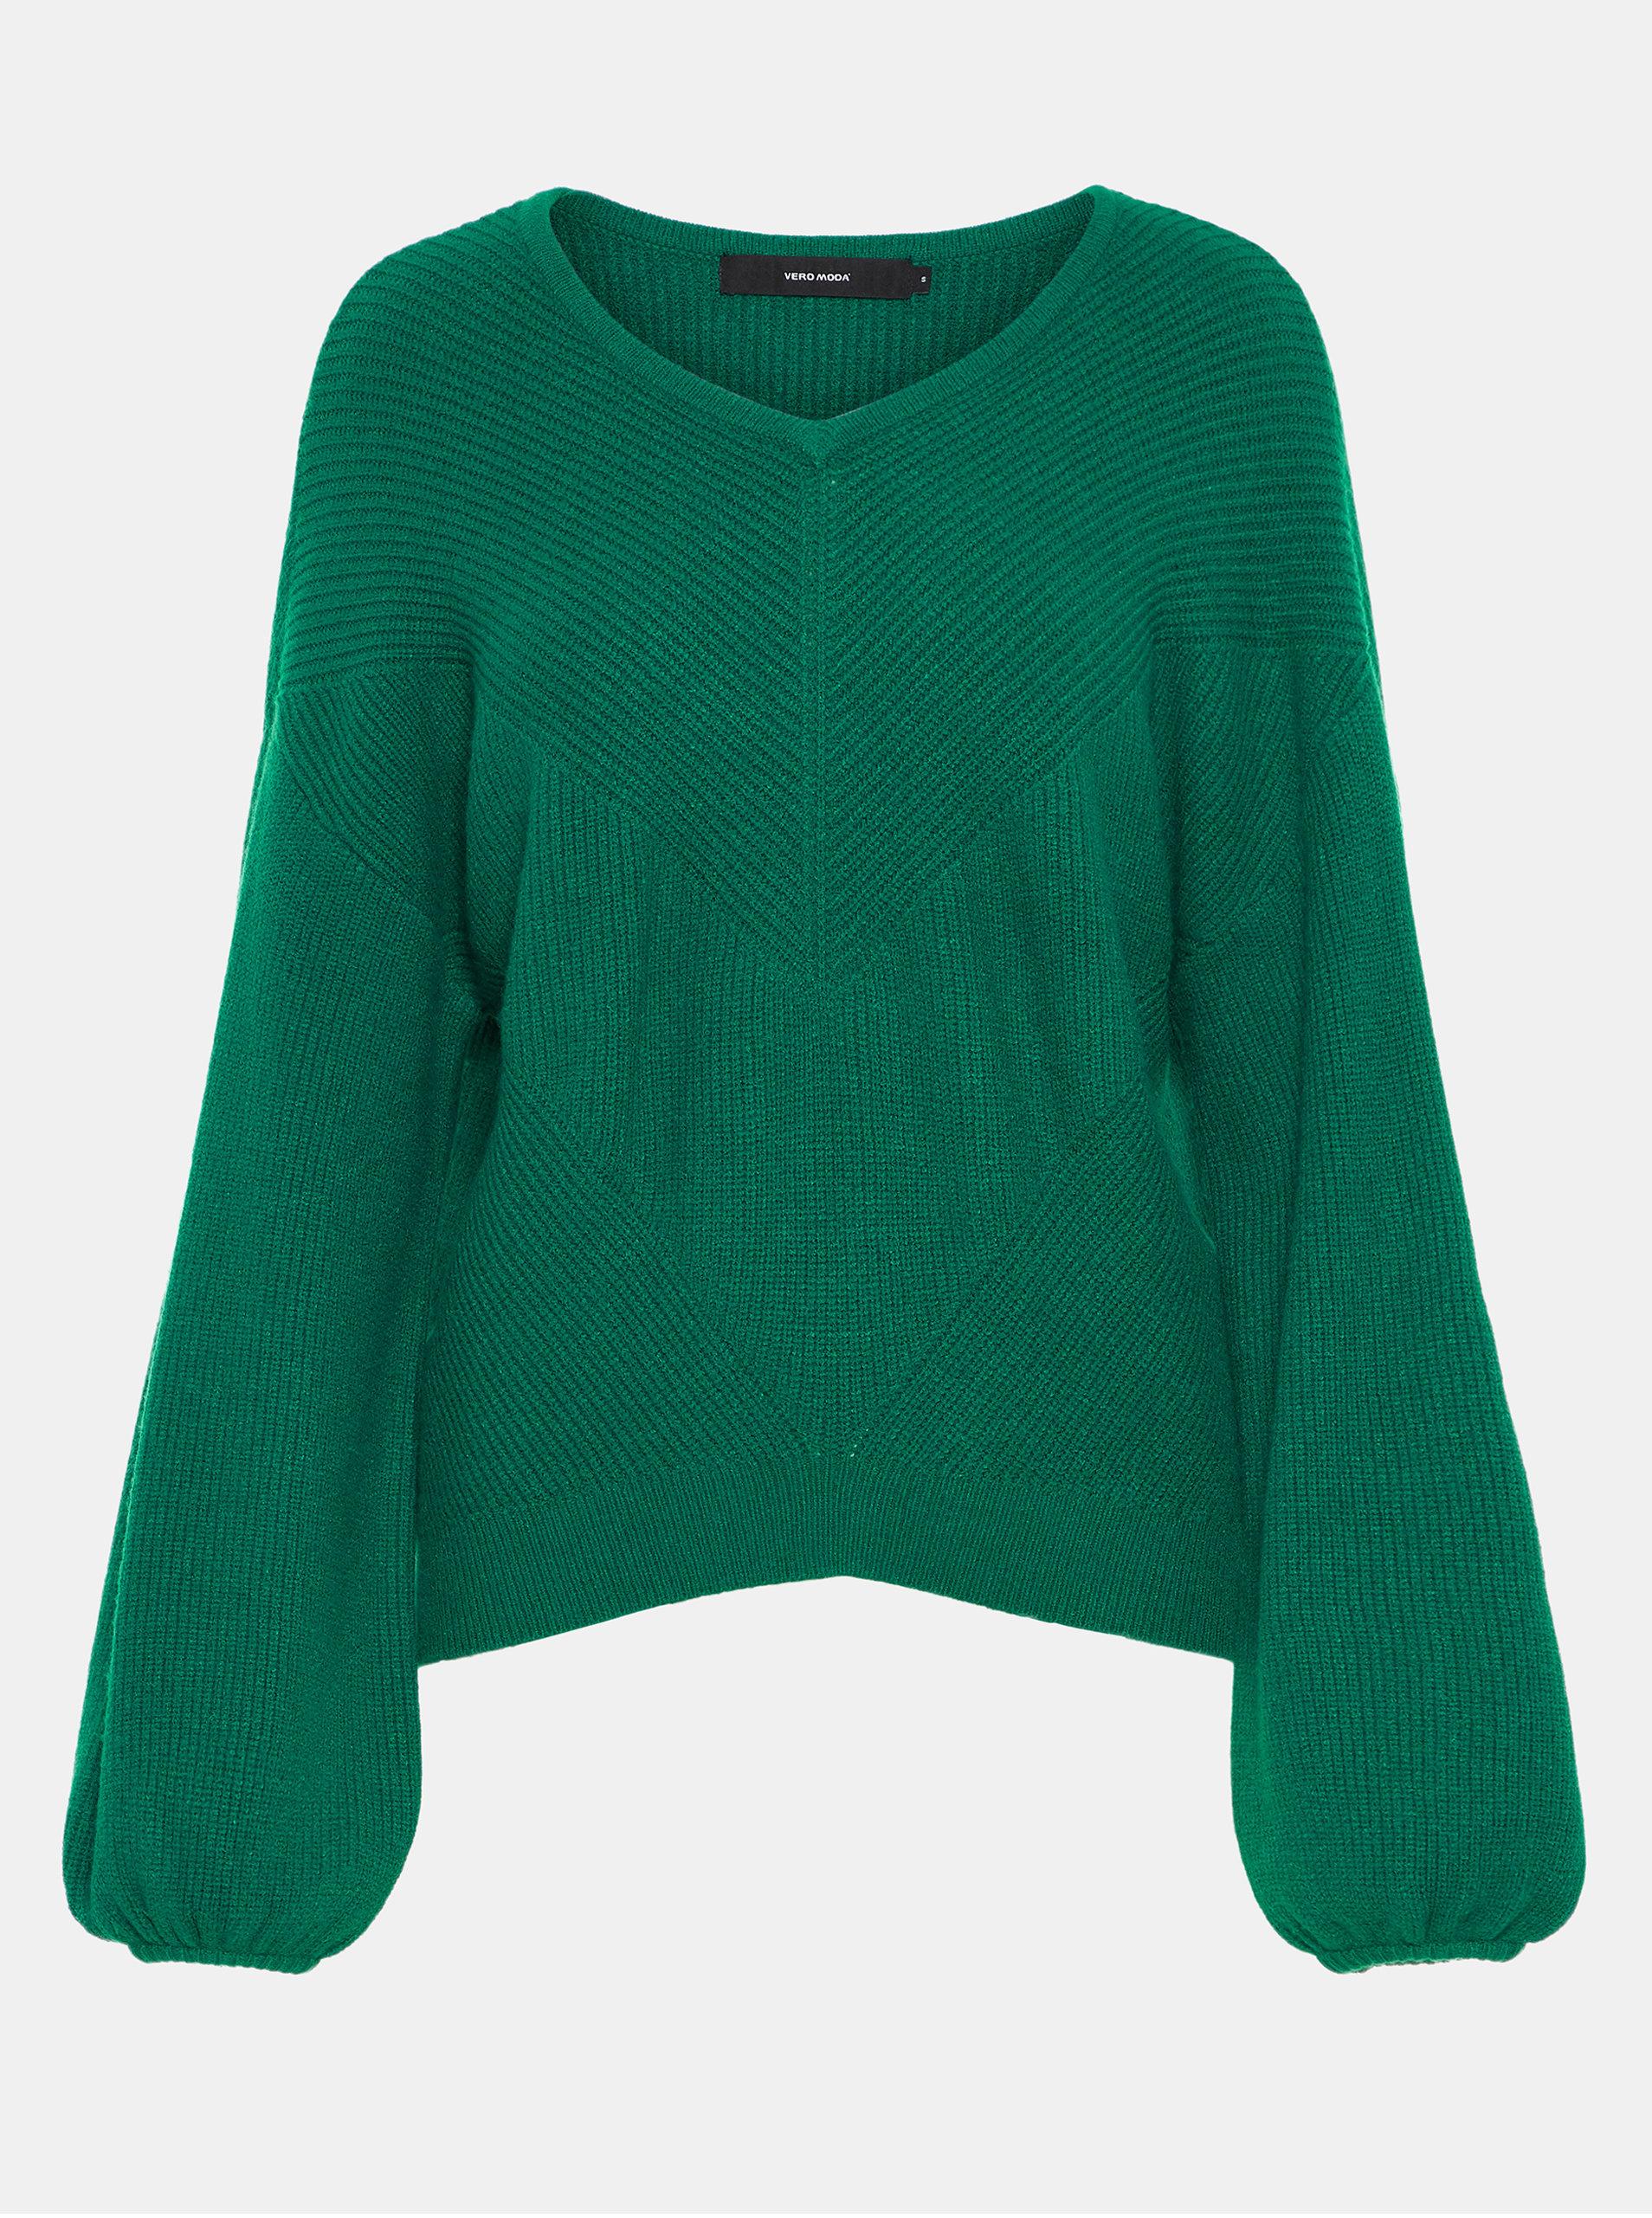 5ca096a492c Tmavě zelený pletený svetr s balónovými rukávy VERO MODA Diva ...